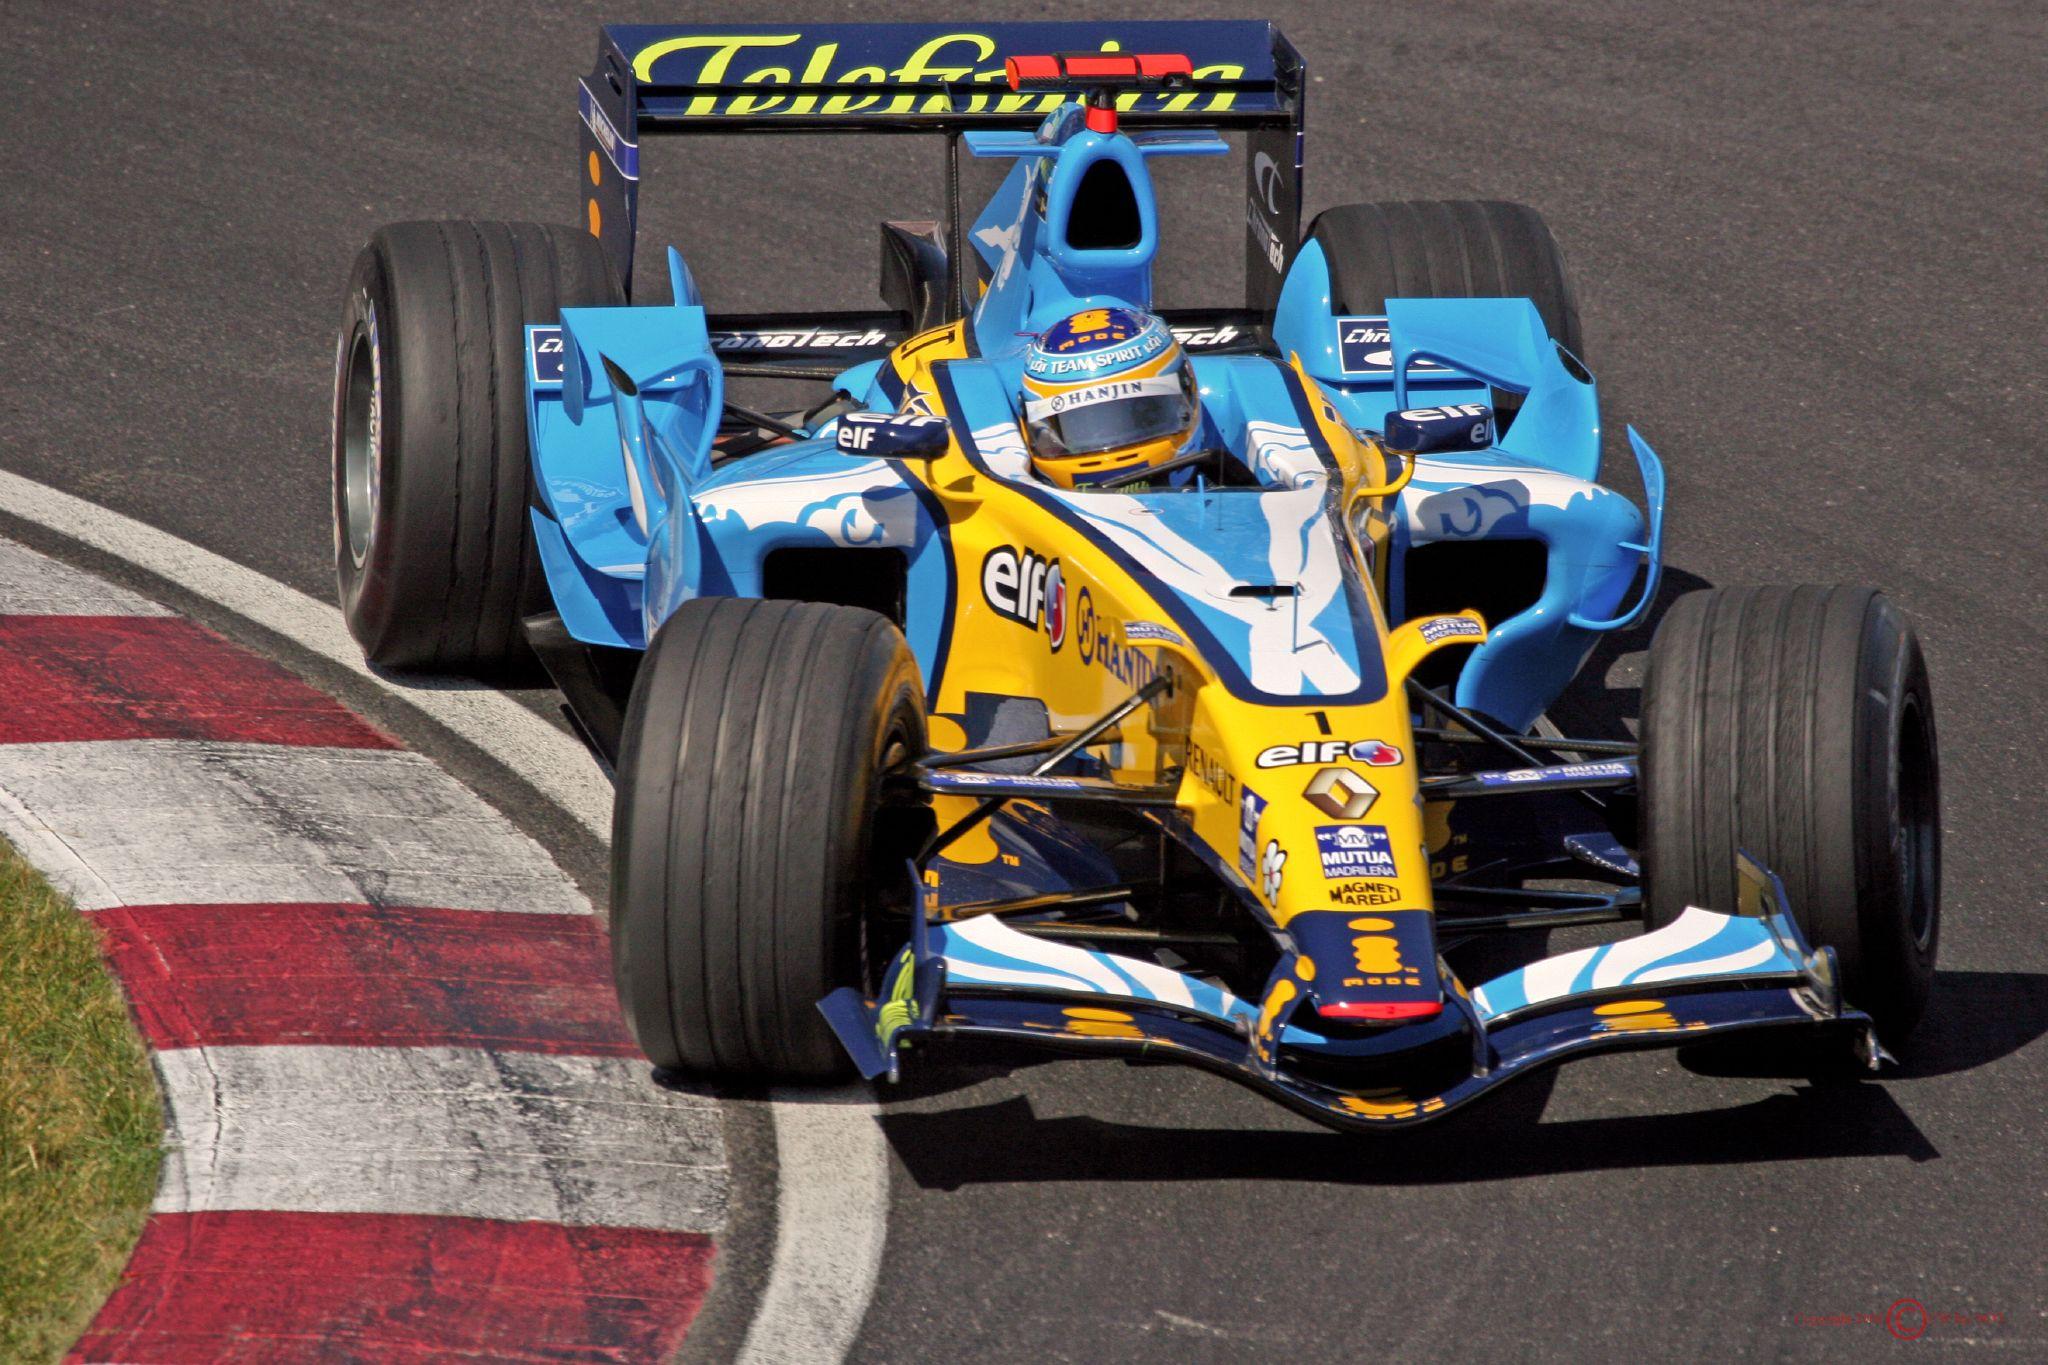 Fernando_Alonso_2006_Canada